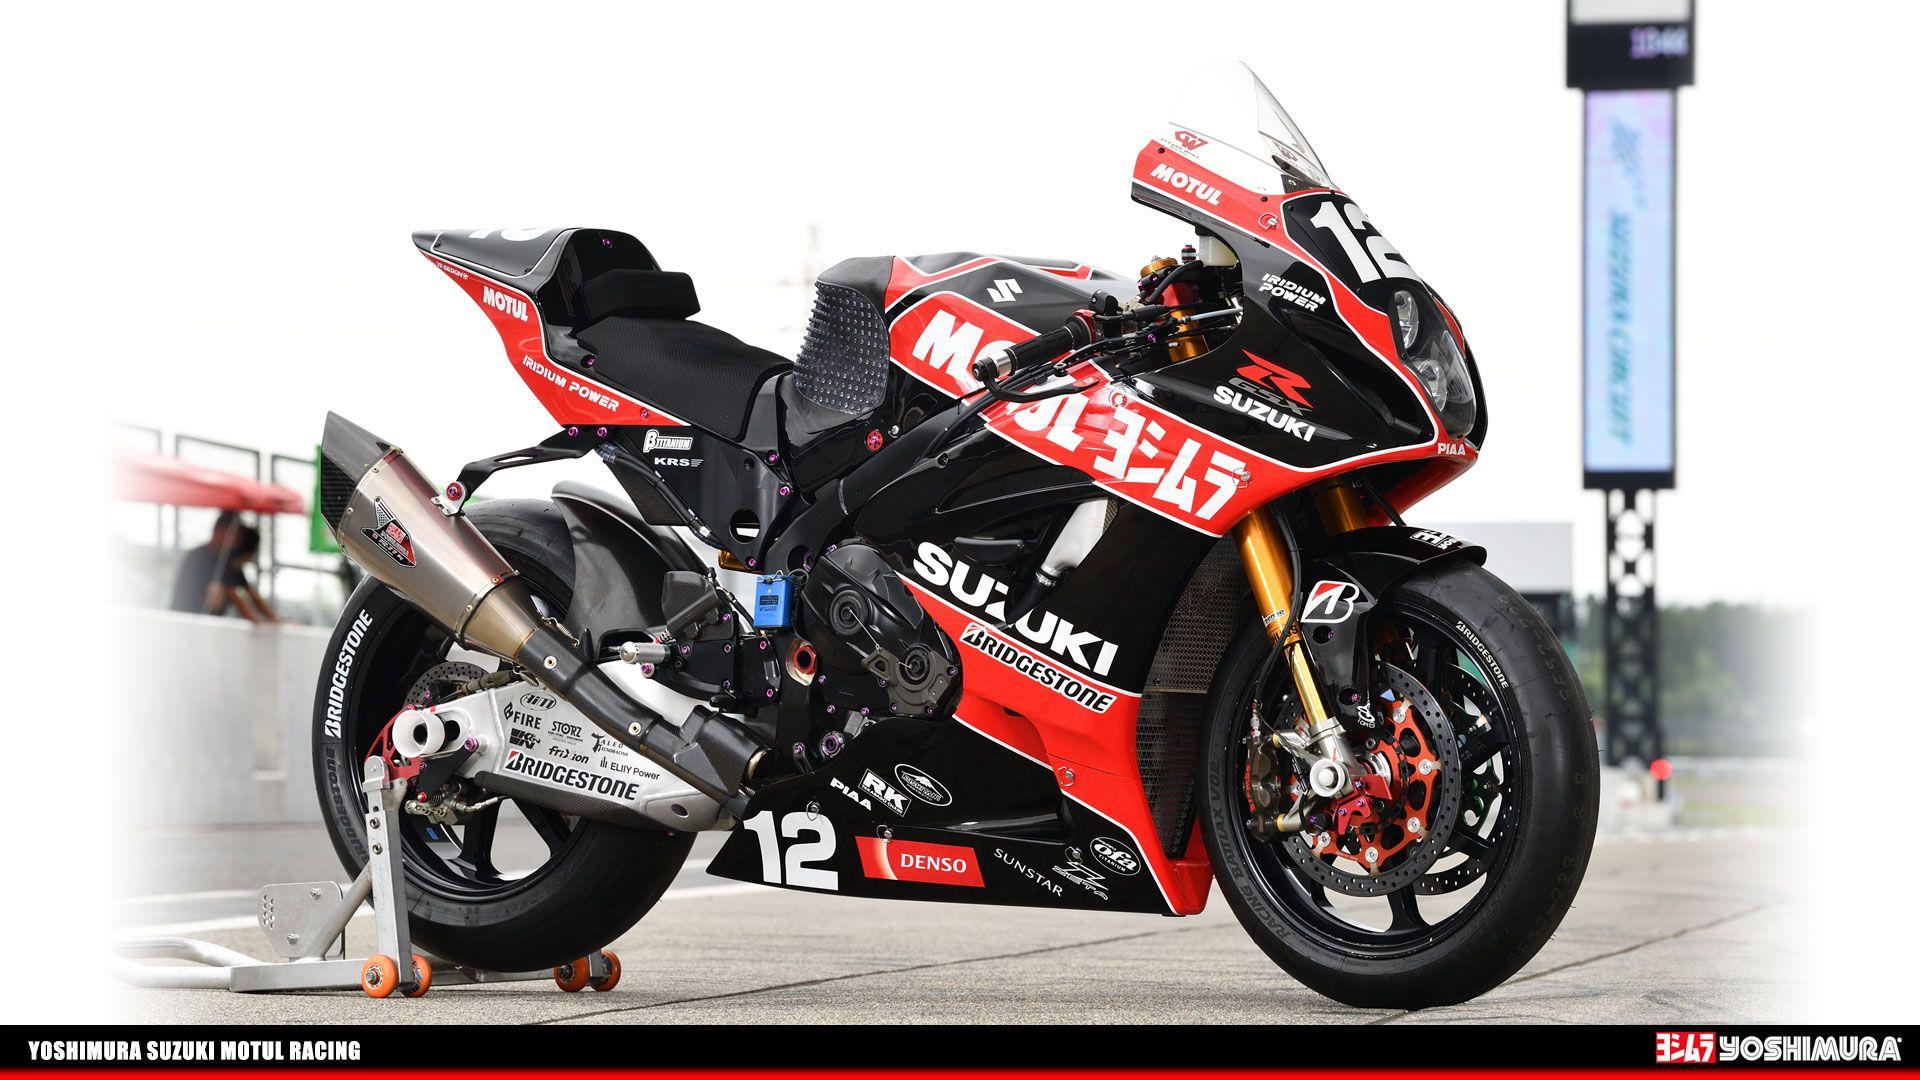 壁紙 19年 鈴鹿8耐 01 ヨシムラジャパン ヨシムラ スーパーバイク スズキのオートバイ